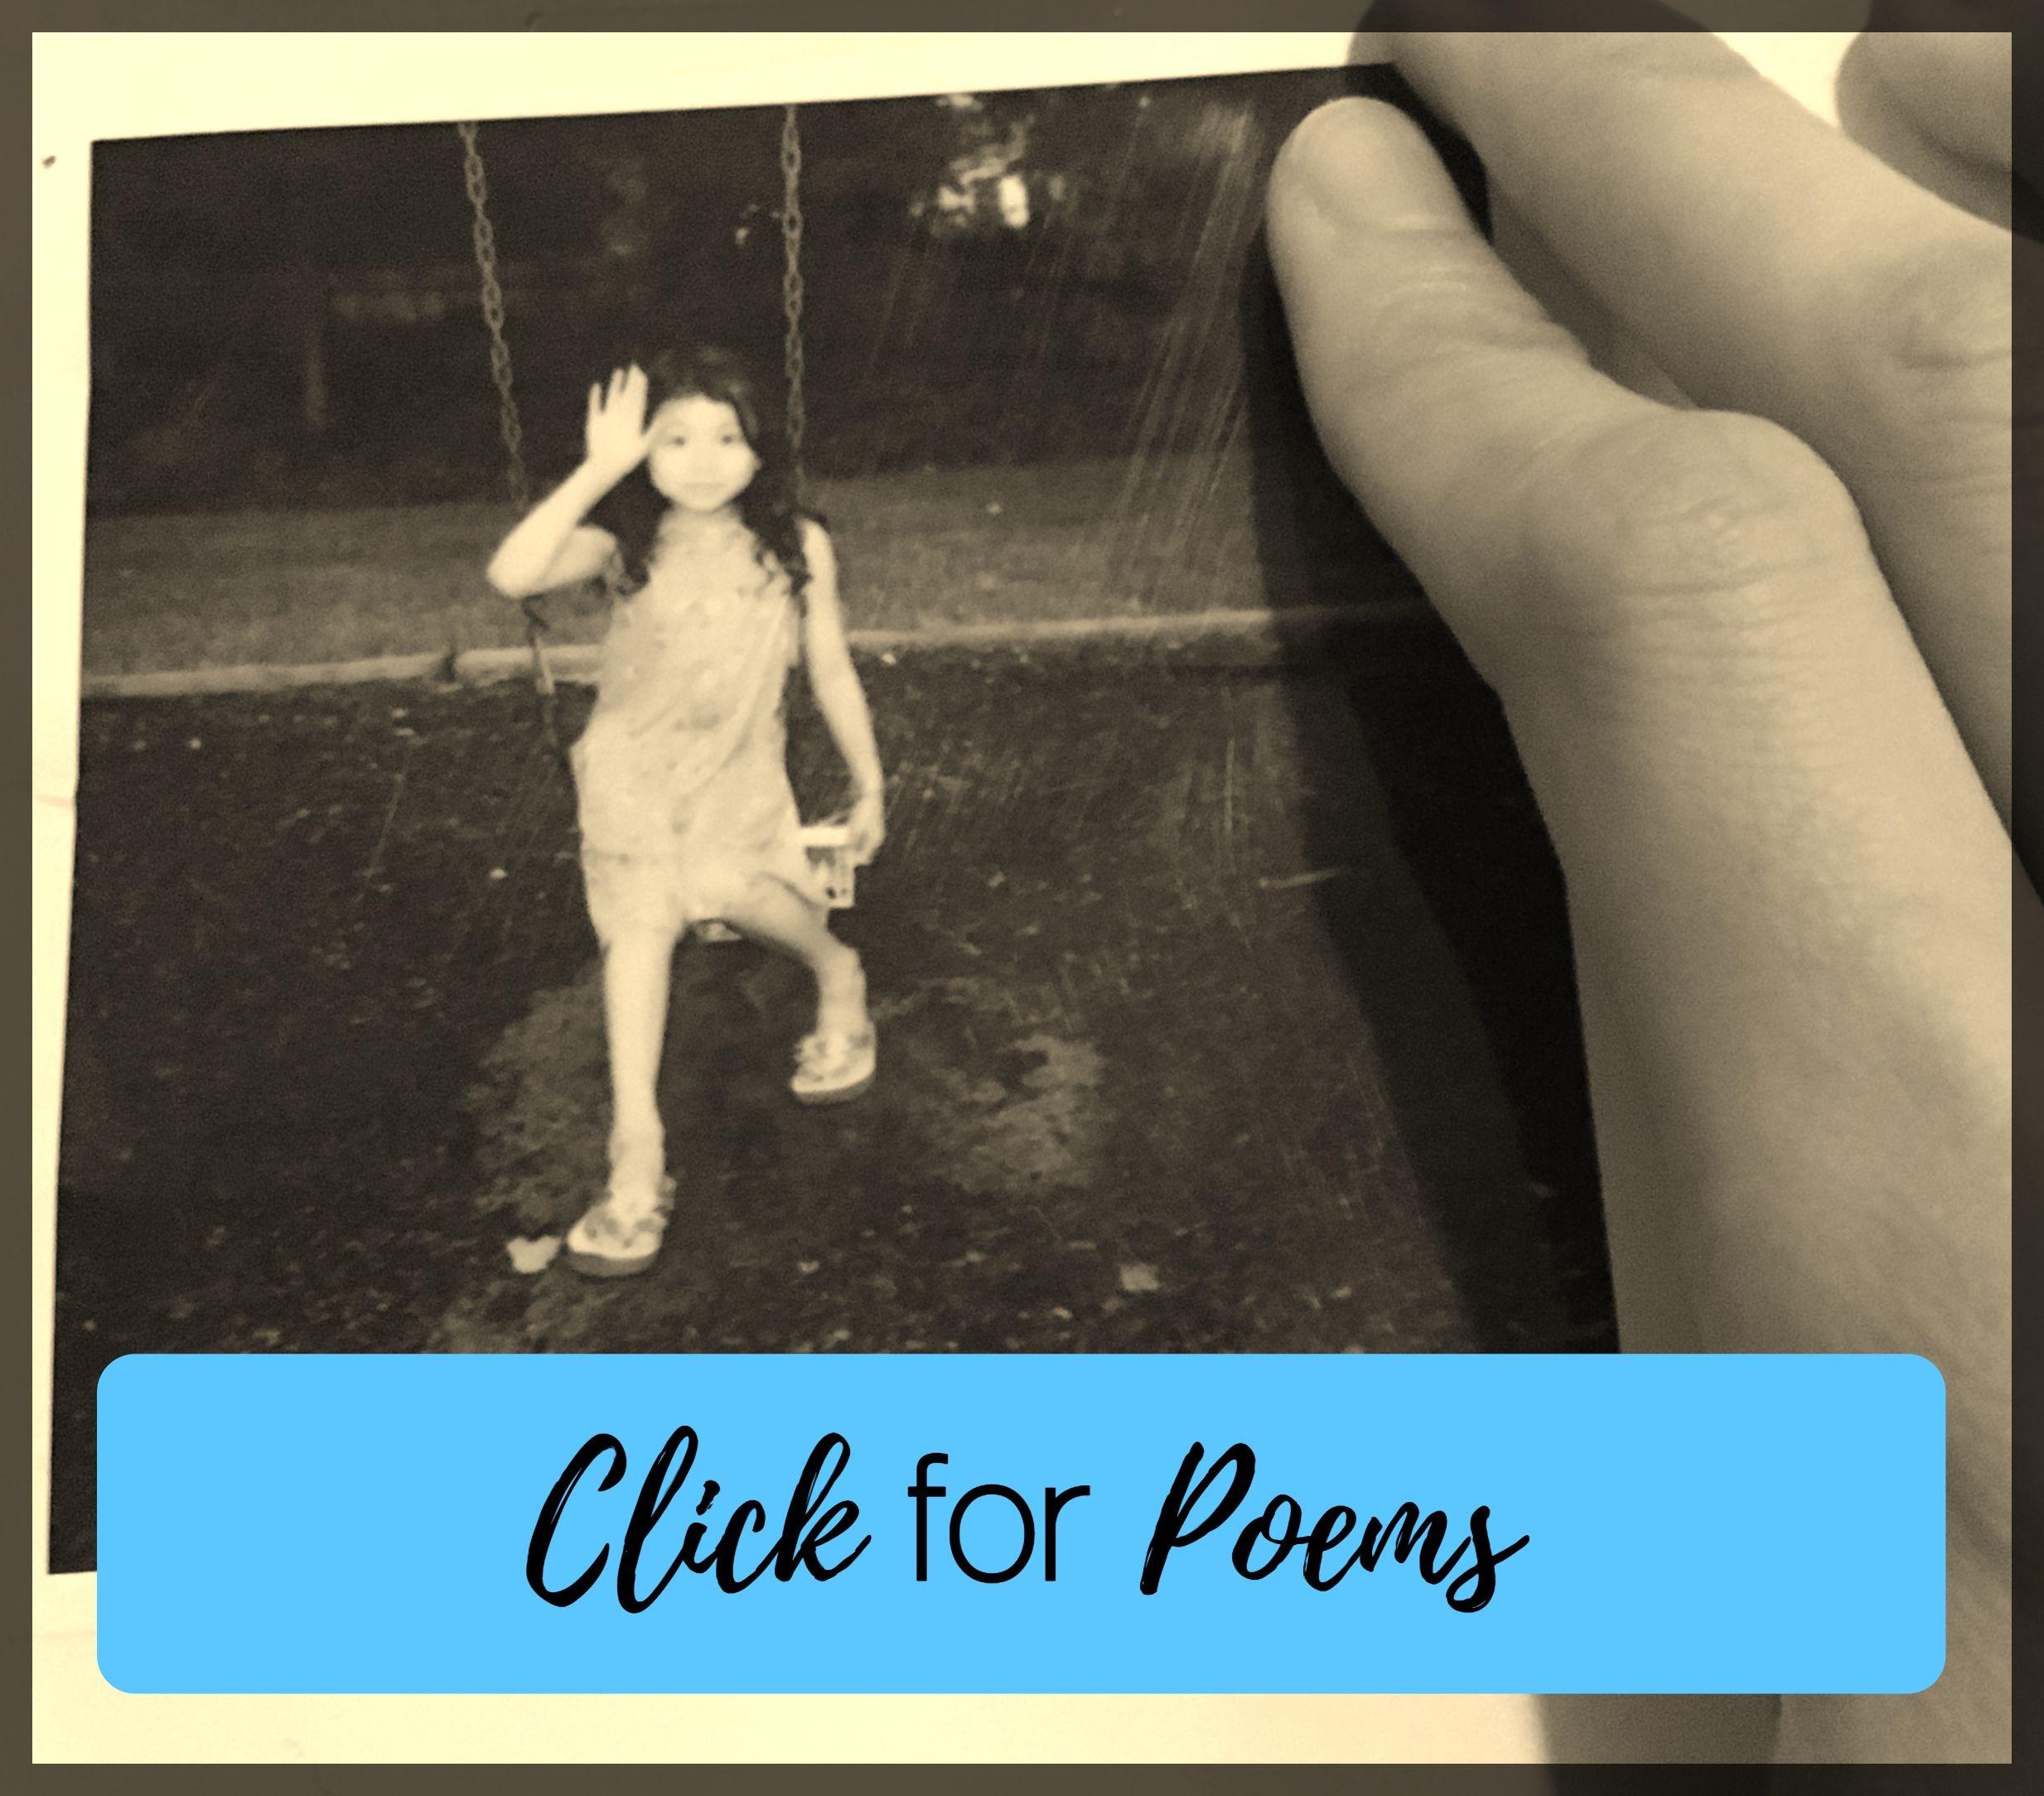 ClickForPoems